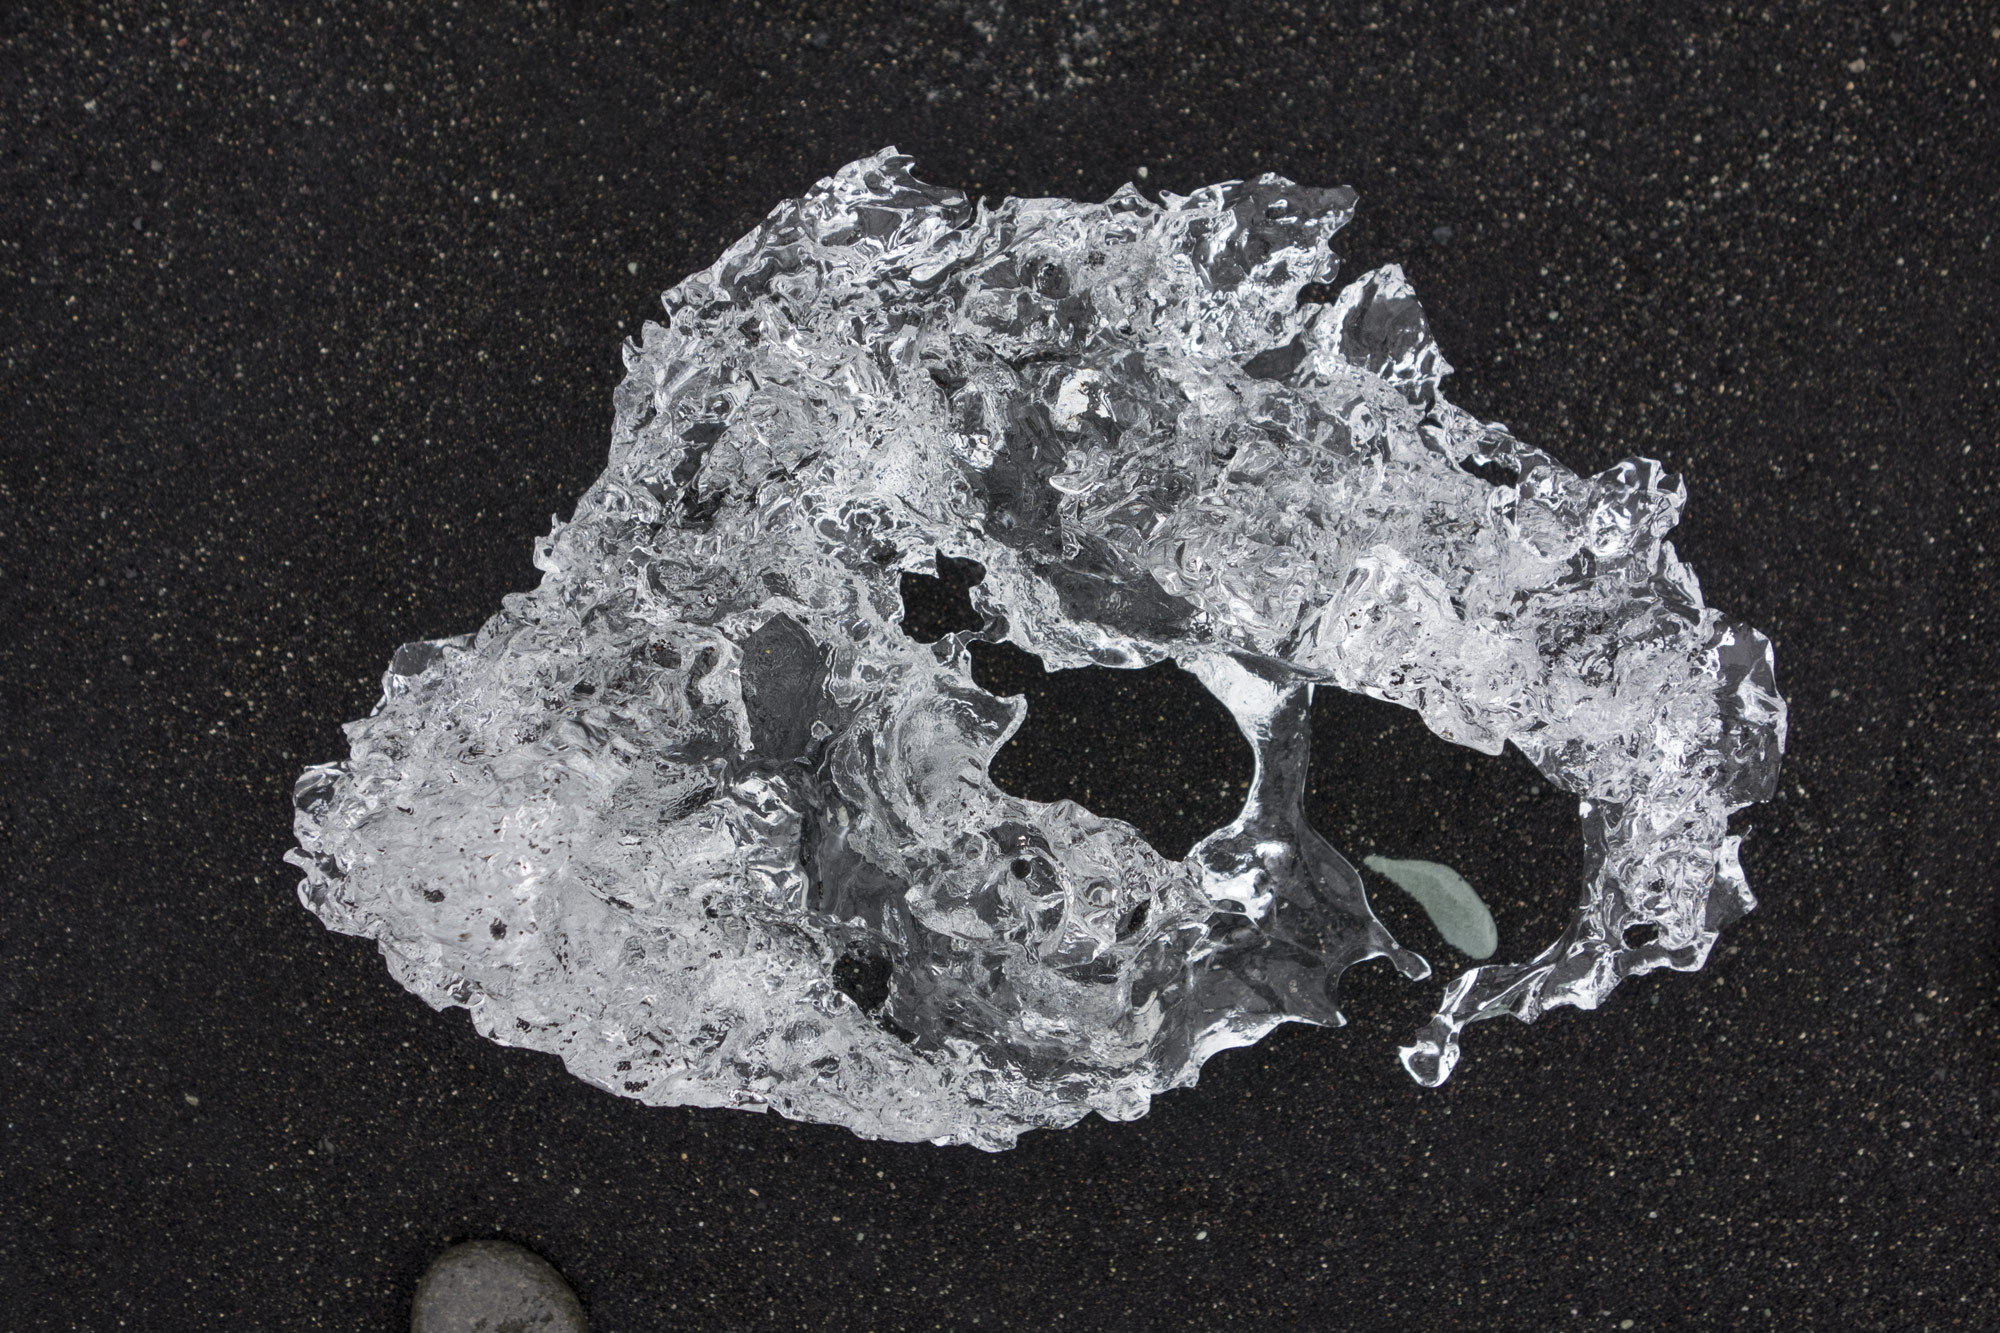 gpj-studio-visual-exploration-ice-diamonds-04